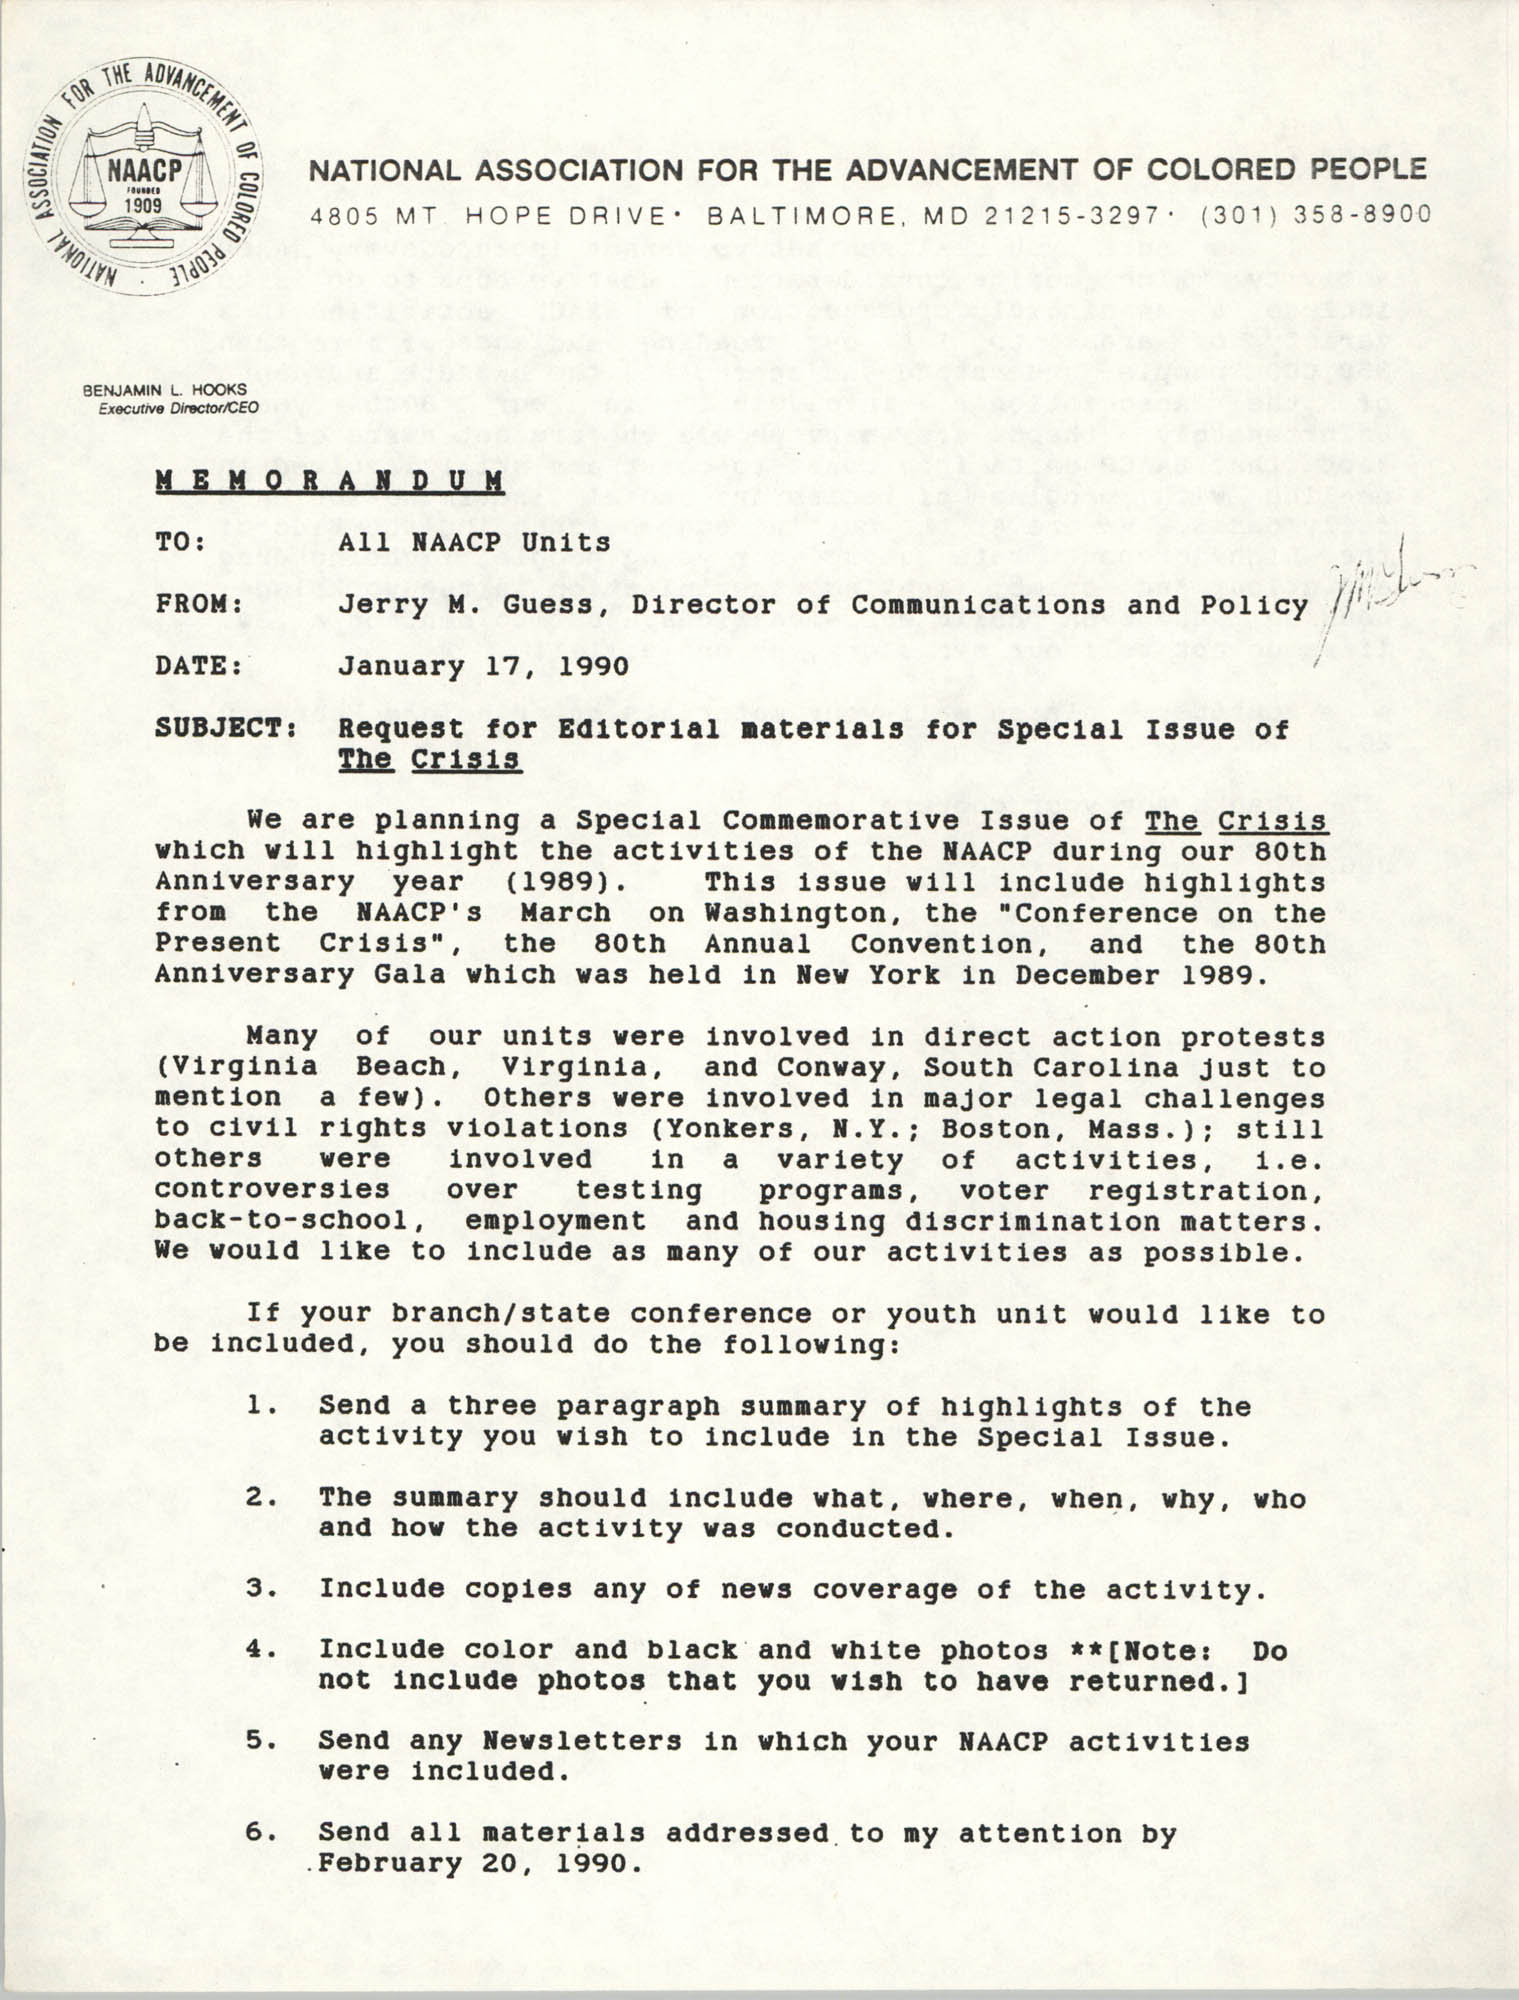 NAACP Memorandum, January 17, 1990